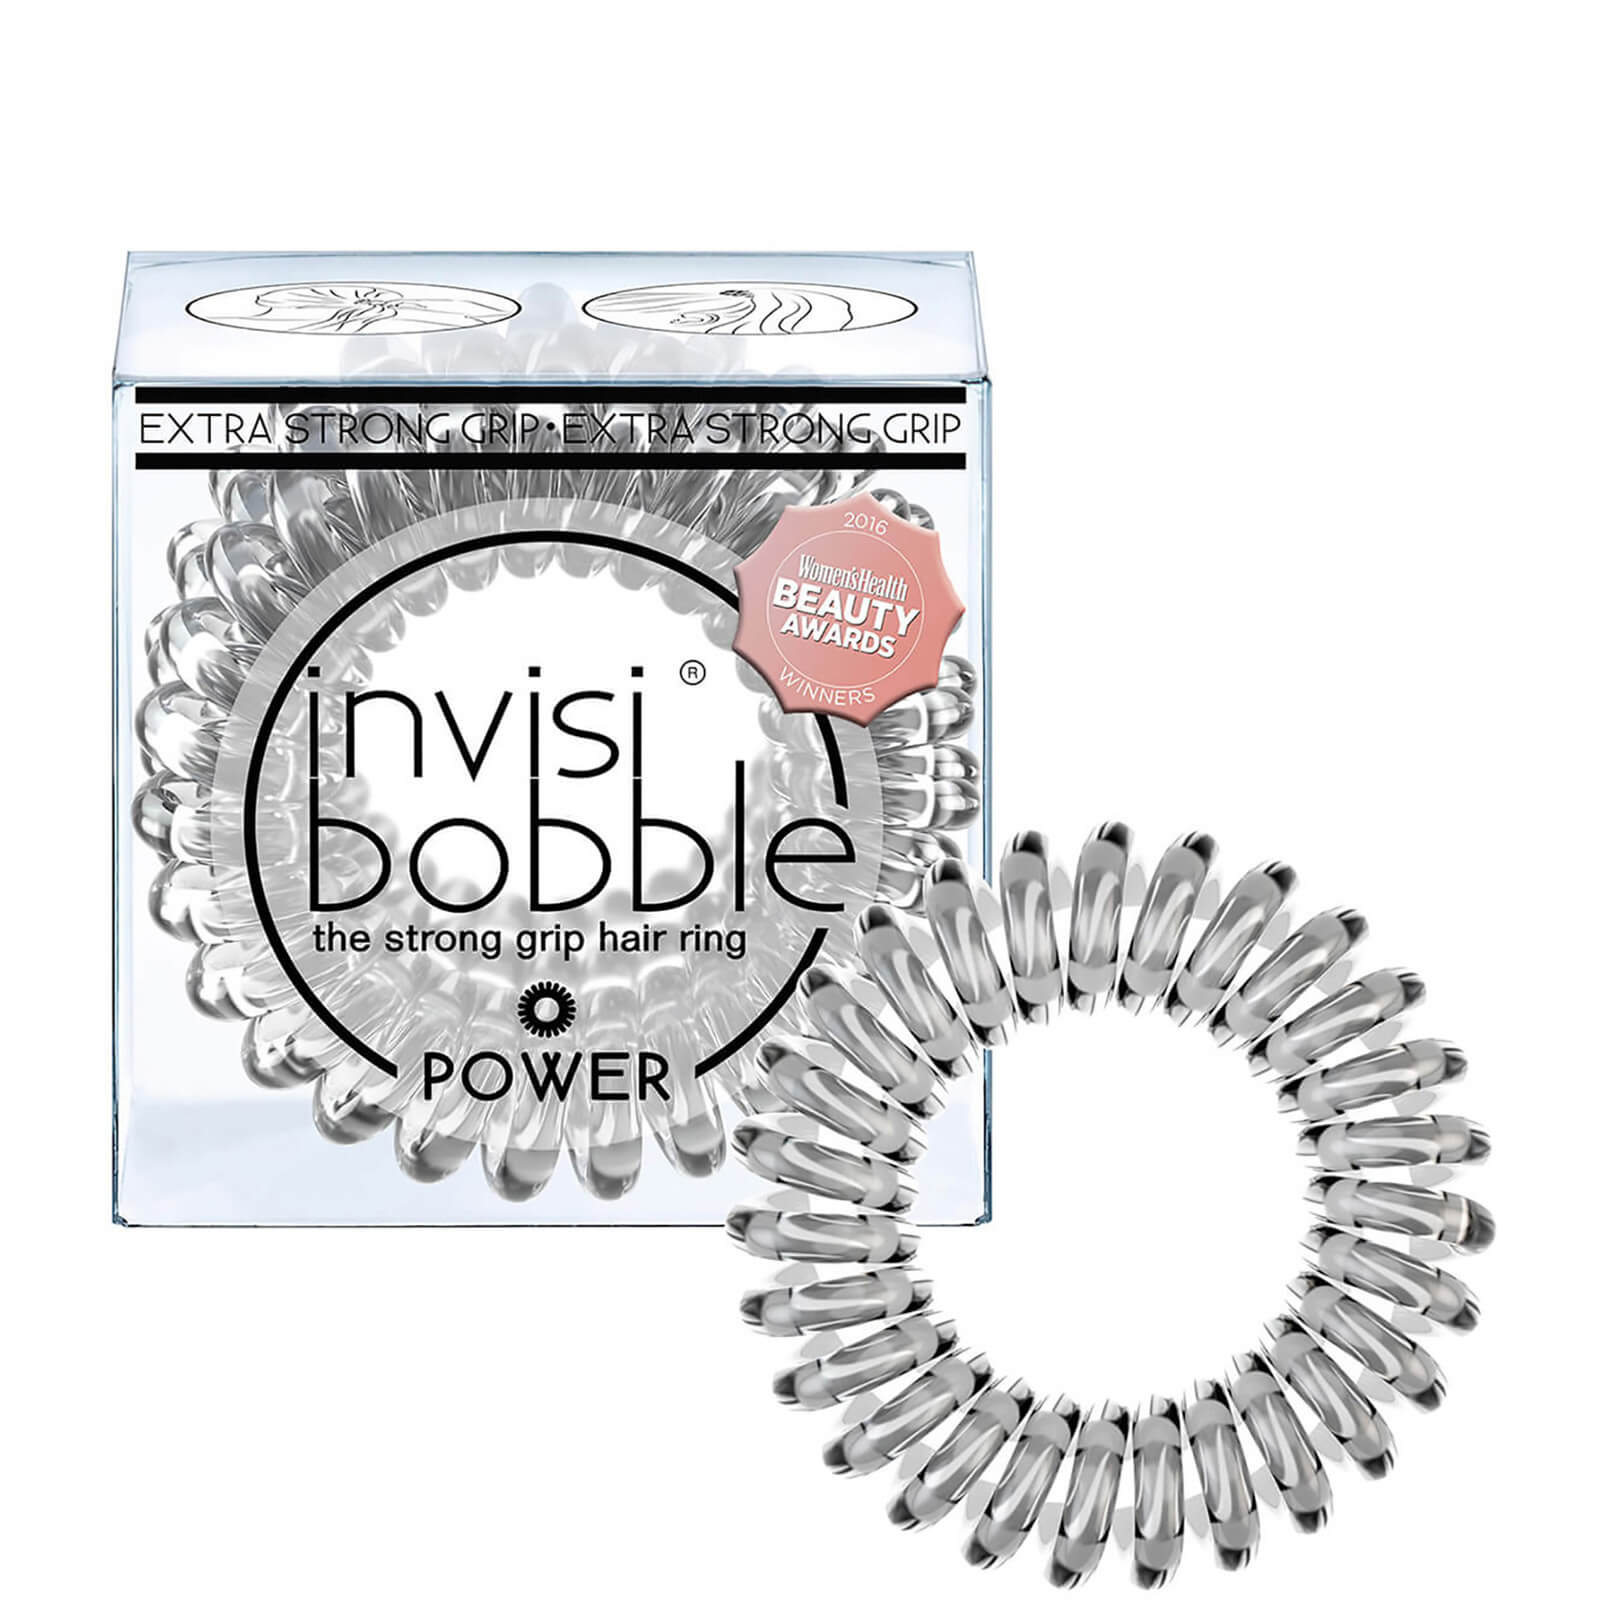 Купить Резинка для волос invisibobble Power(3 шт. в упаковке) – Crystal Clear